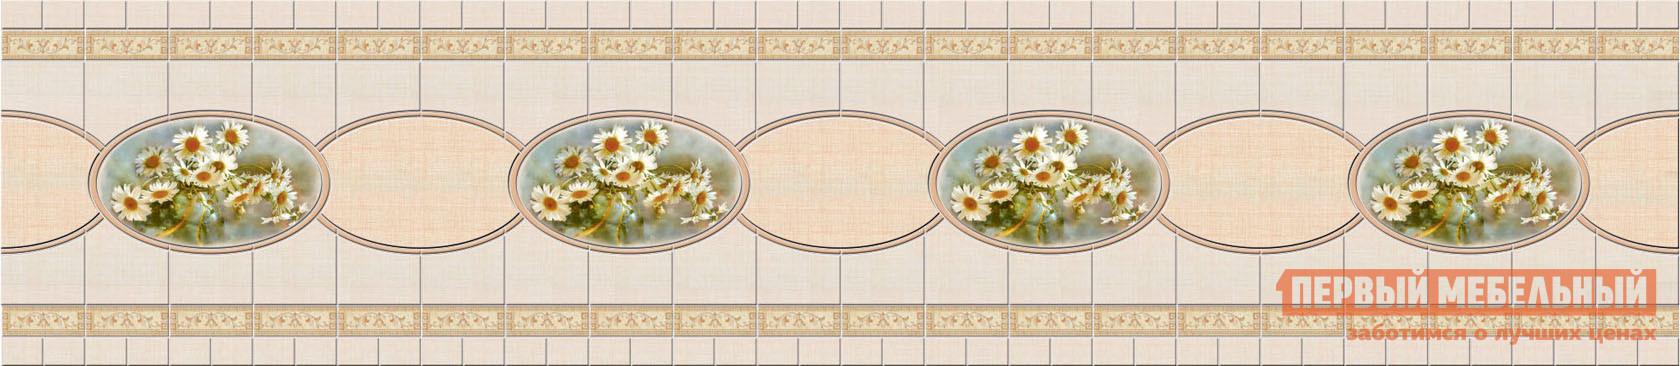 Стеновая панель Первый Мебельный Стеновая панель SP-023 длина 280 см, глянец sp 60x45 см